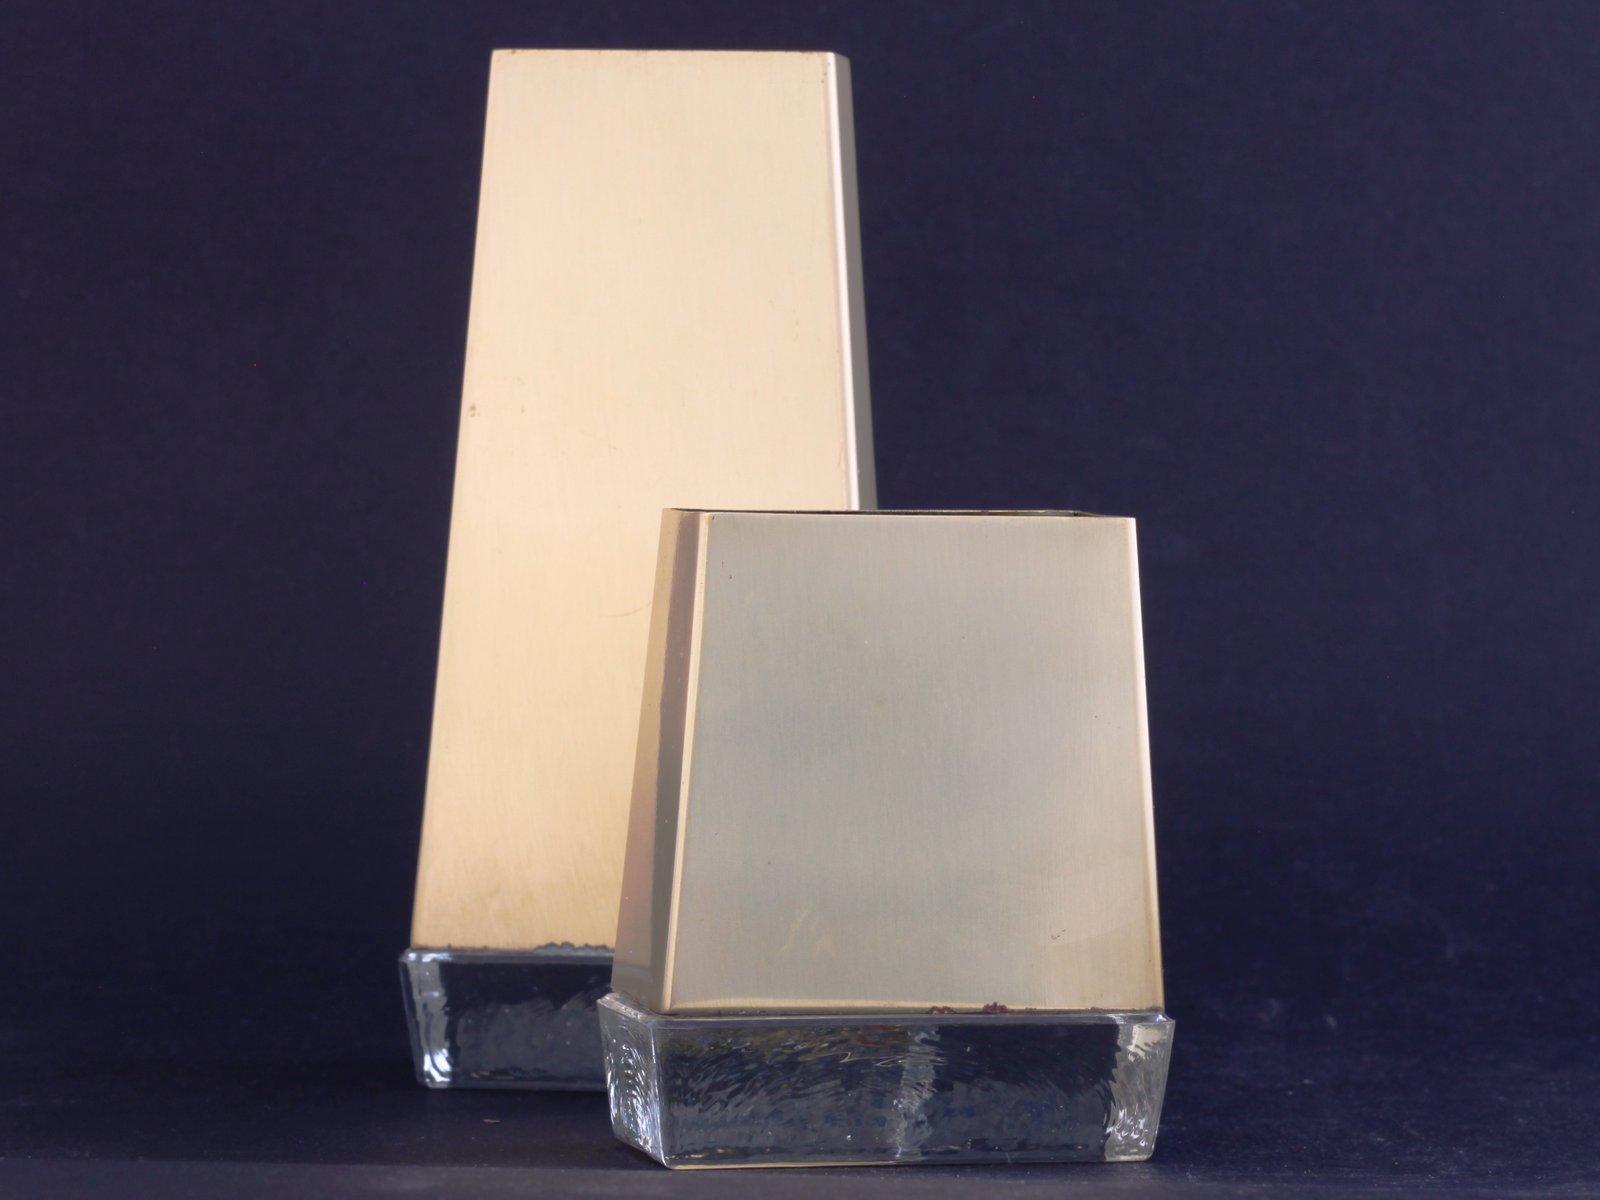 mid century vasen aus messing glas von gunnar ander f r ystad metall 2er set bei pamono kaufen. Black Bedroom Furniture Sets. Home Design Ideas